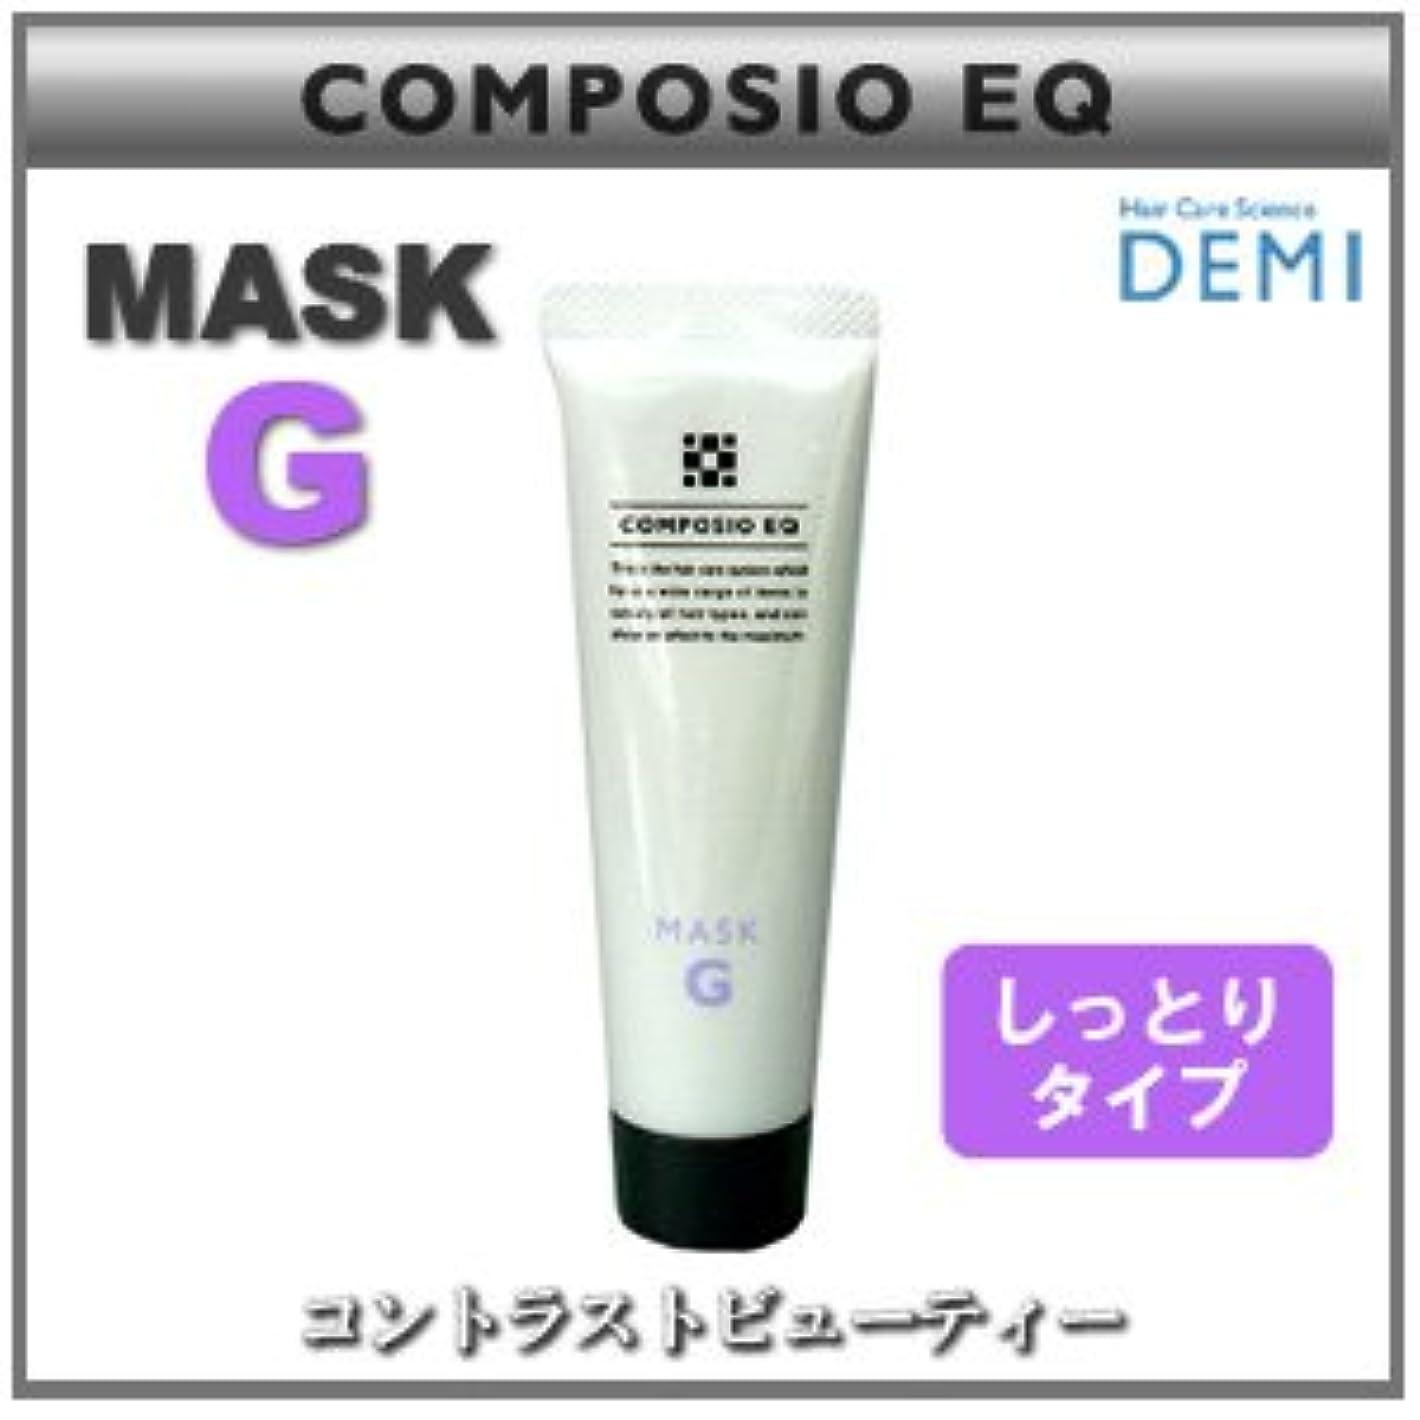 浮く燃やす鳴らす【X2個セット】 デミ コンポジオ EQ マスク G 50g